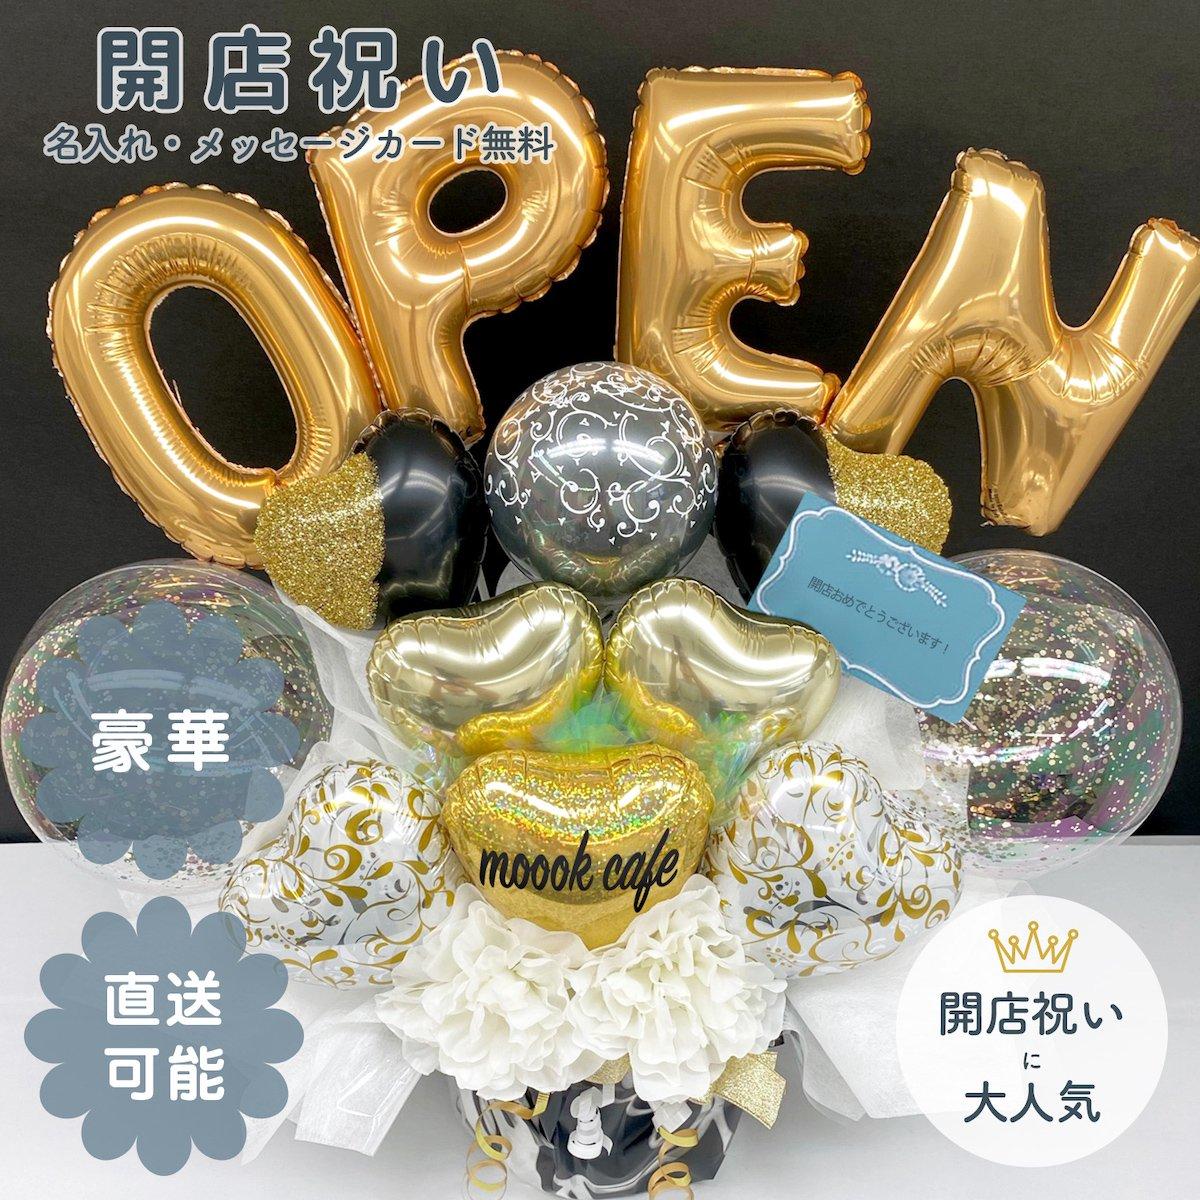 開店祝いバルーン バルーン バルーン開店祝い モノトーン 人気のギフト 周年祝い 名入れ メッセージカード バルーンギフト 1周年 2周年 3周年